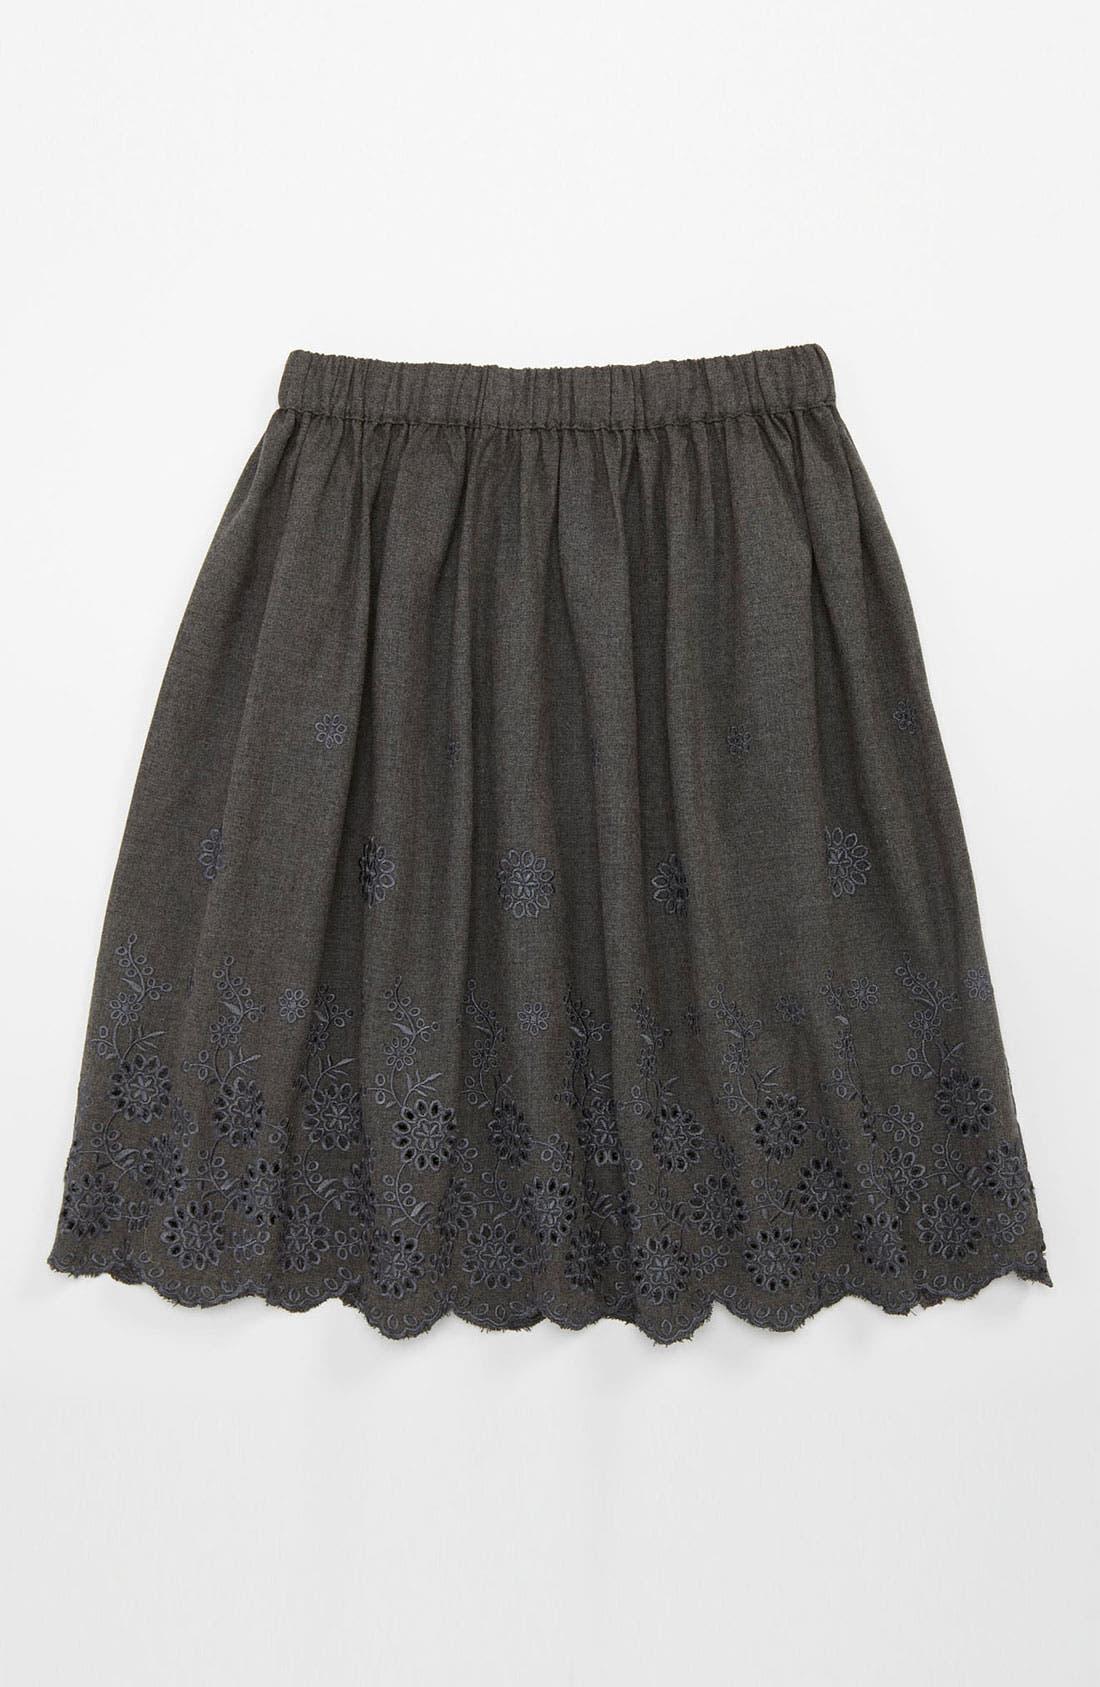 Alternate Image 1 Selected - Peek 'Harlow' Skirt (Toddler, Little Girls & Big Girls)